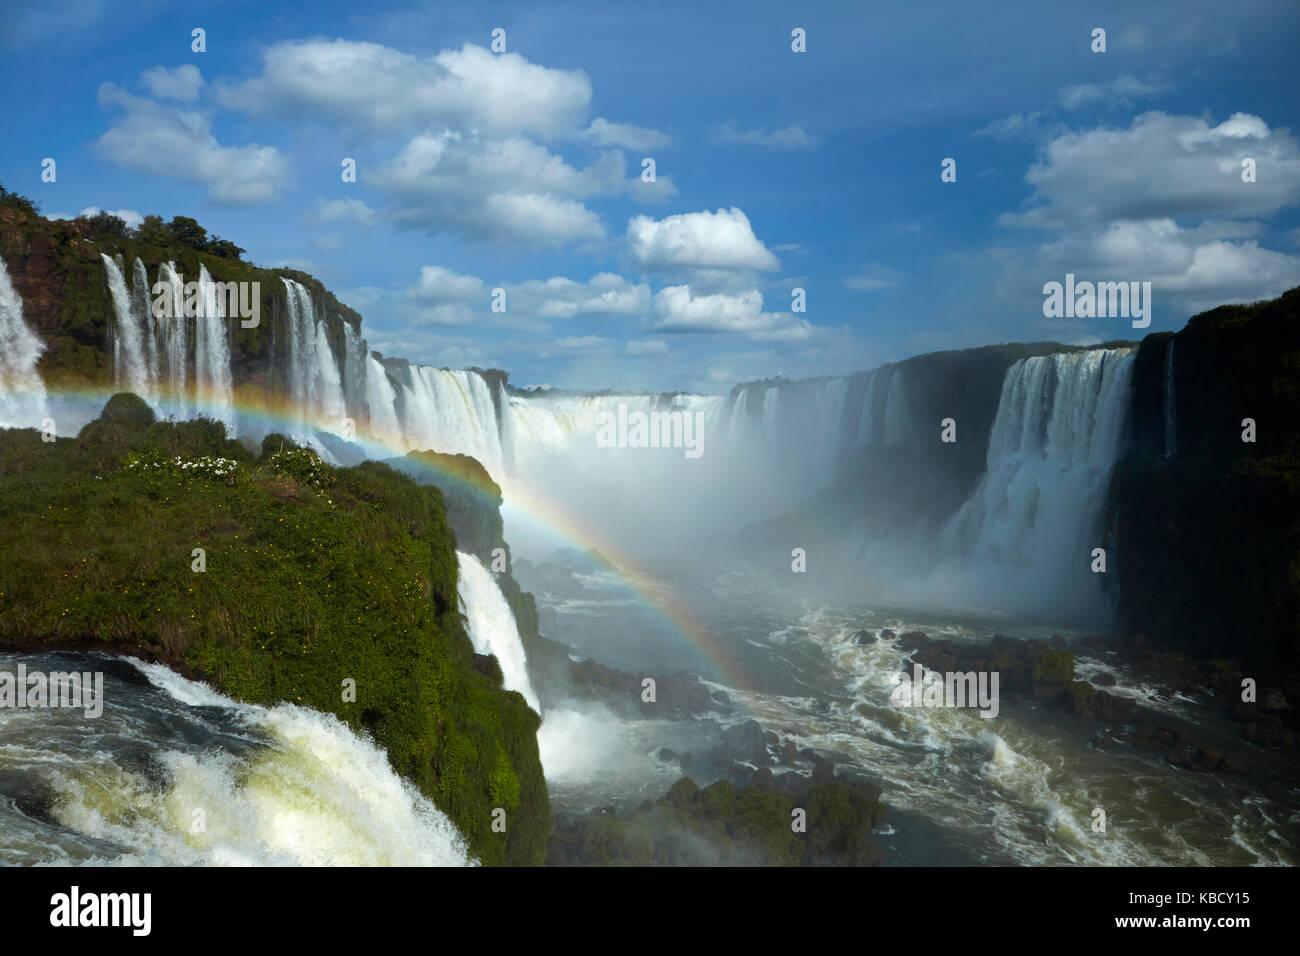 Teufel Kehle (Garganta do Diabo), Iguazu Wasserfälle, Brasilien - Argentinien, Südamerika Stockbild